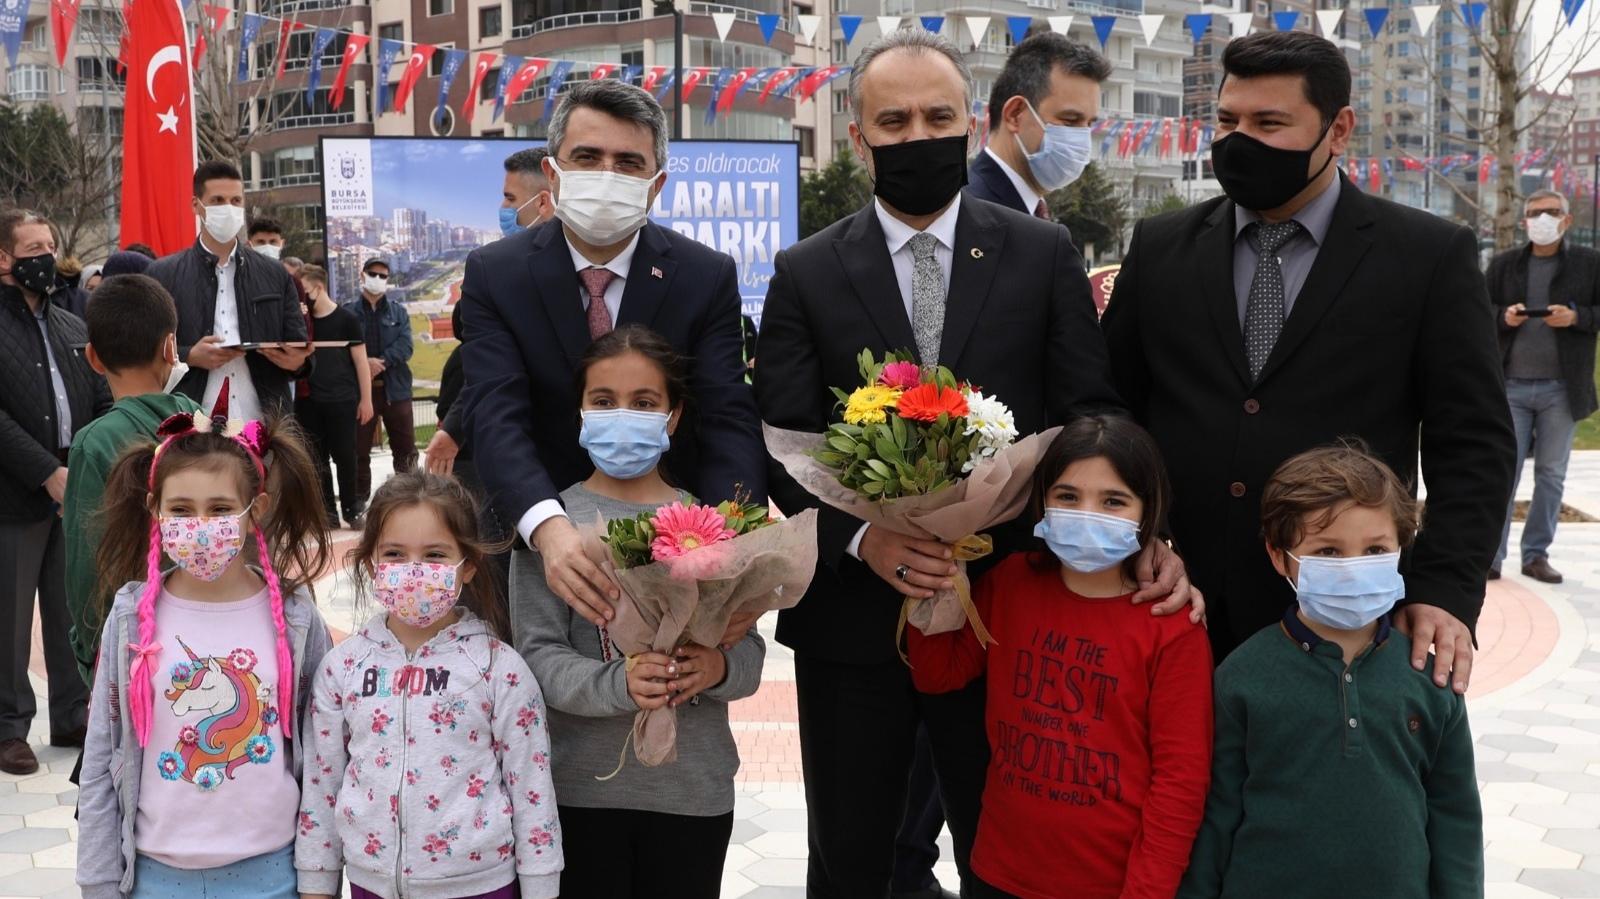 Bursa Büyükşehir; 'Yeşil'de kararlı